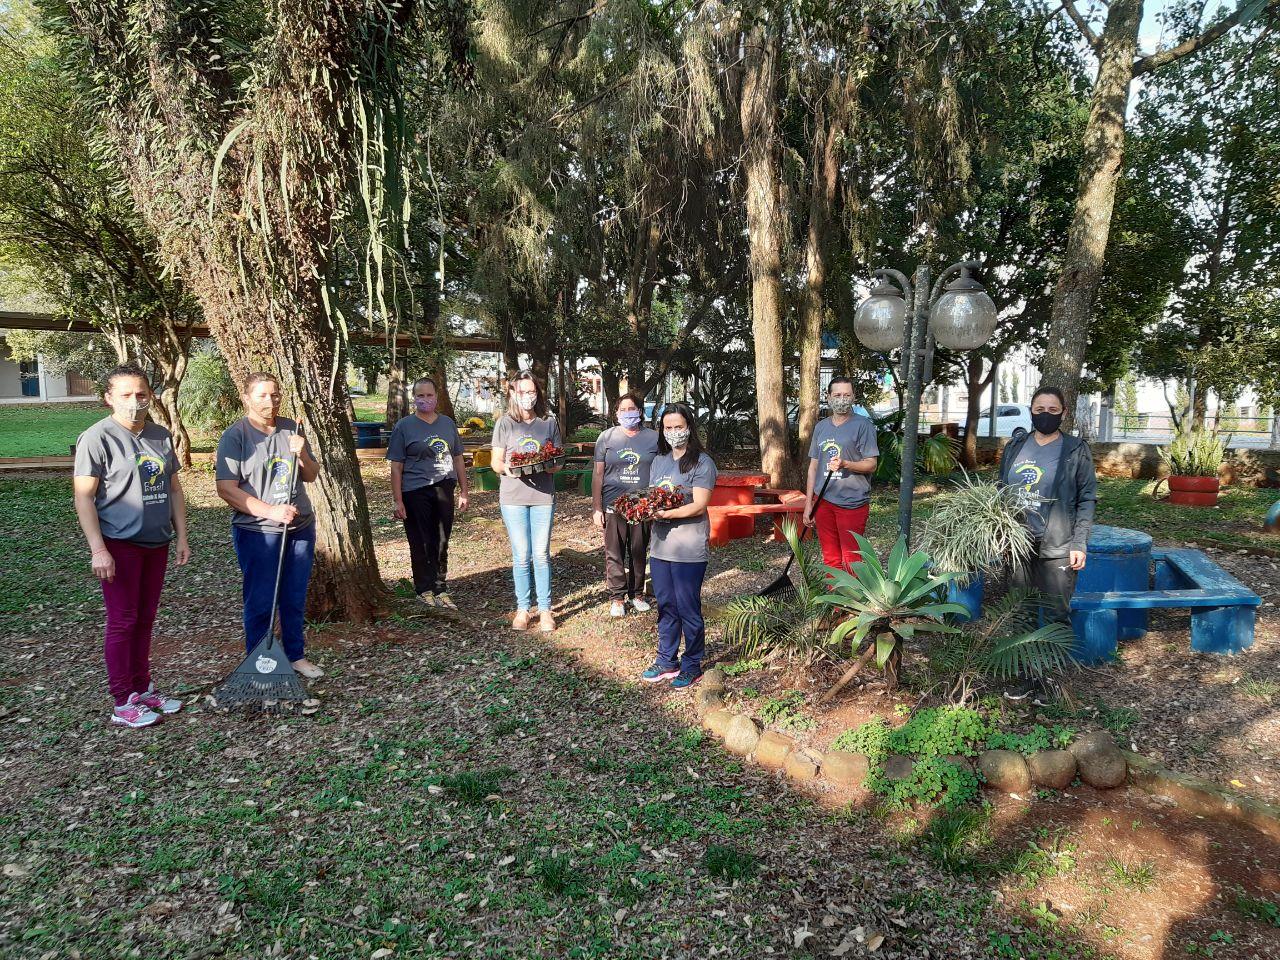 Escola Barão Homem de Melo de Alto Alegre realizou embelezamento do espaço escolar